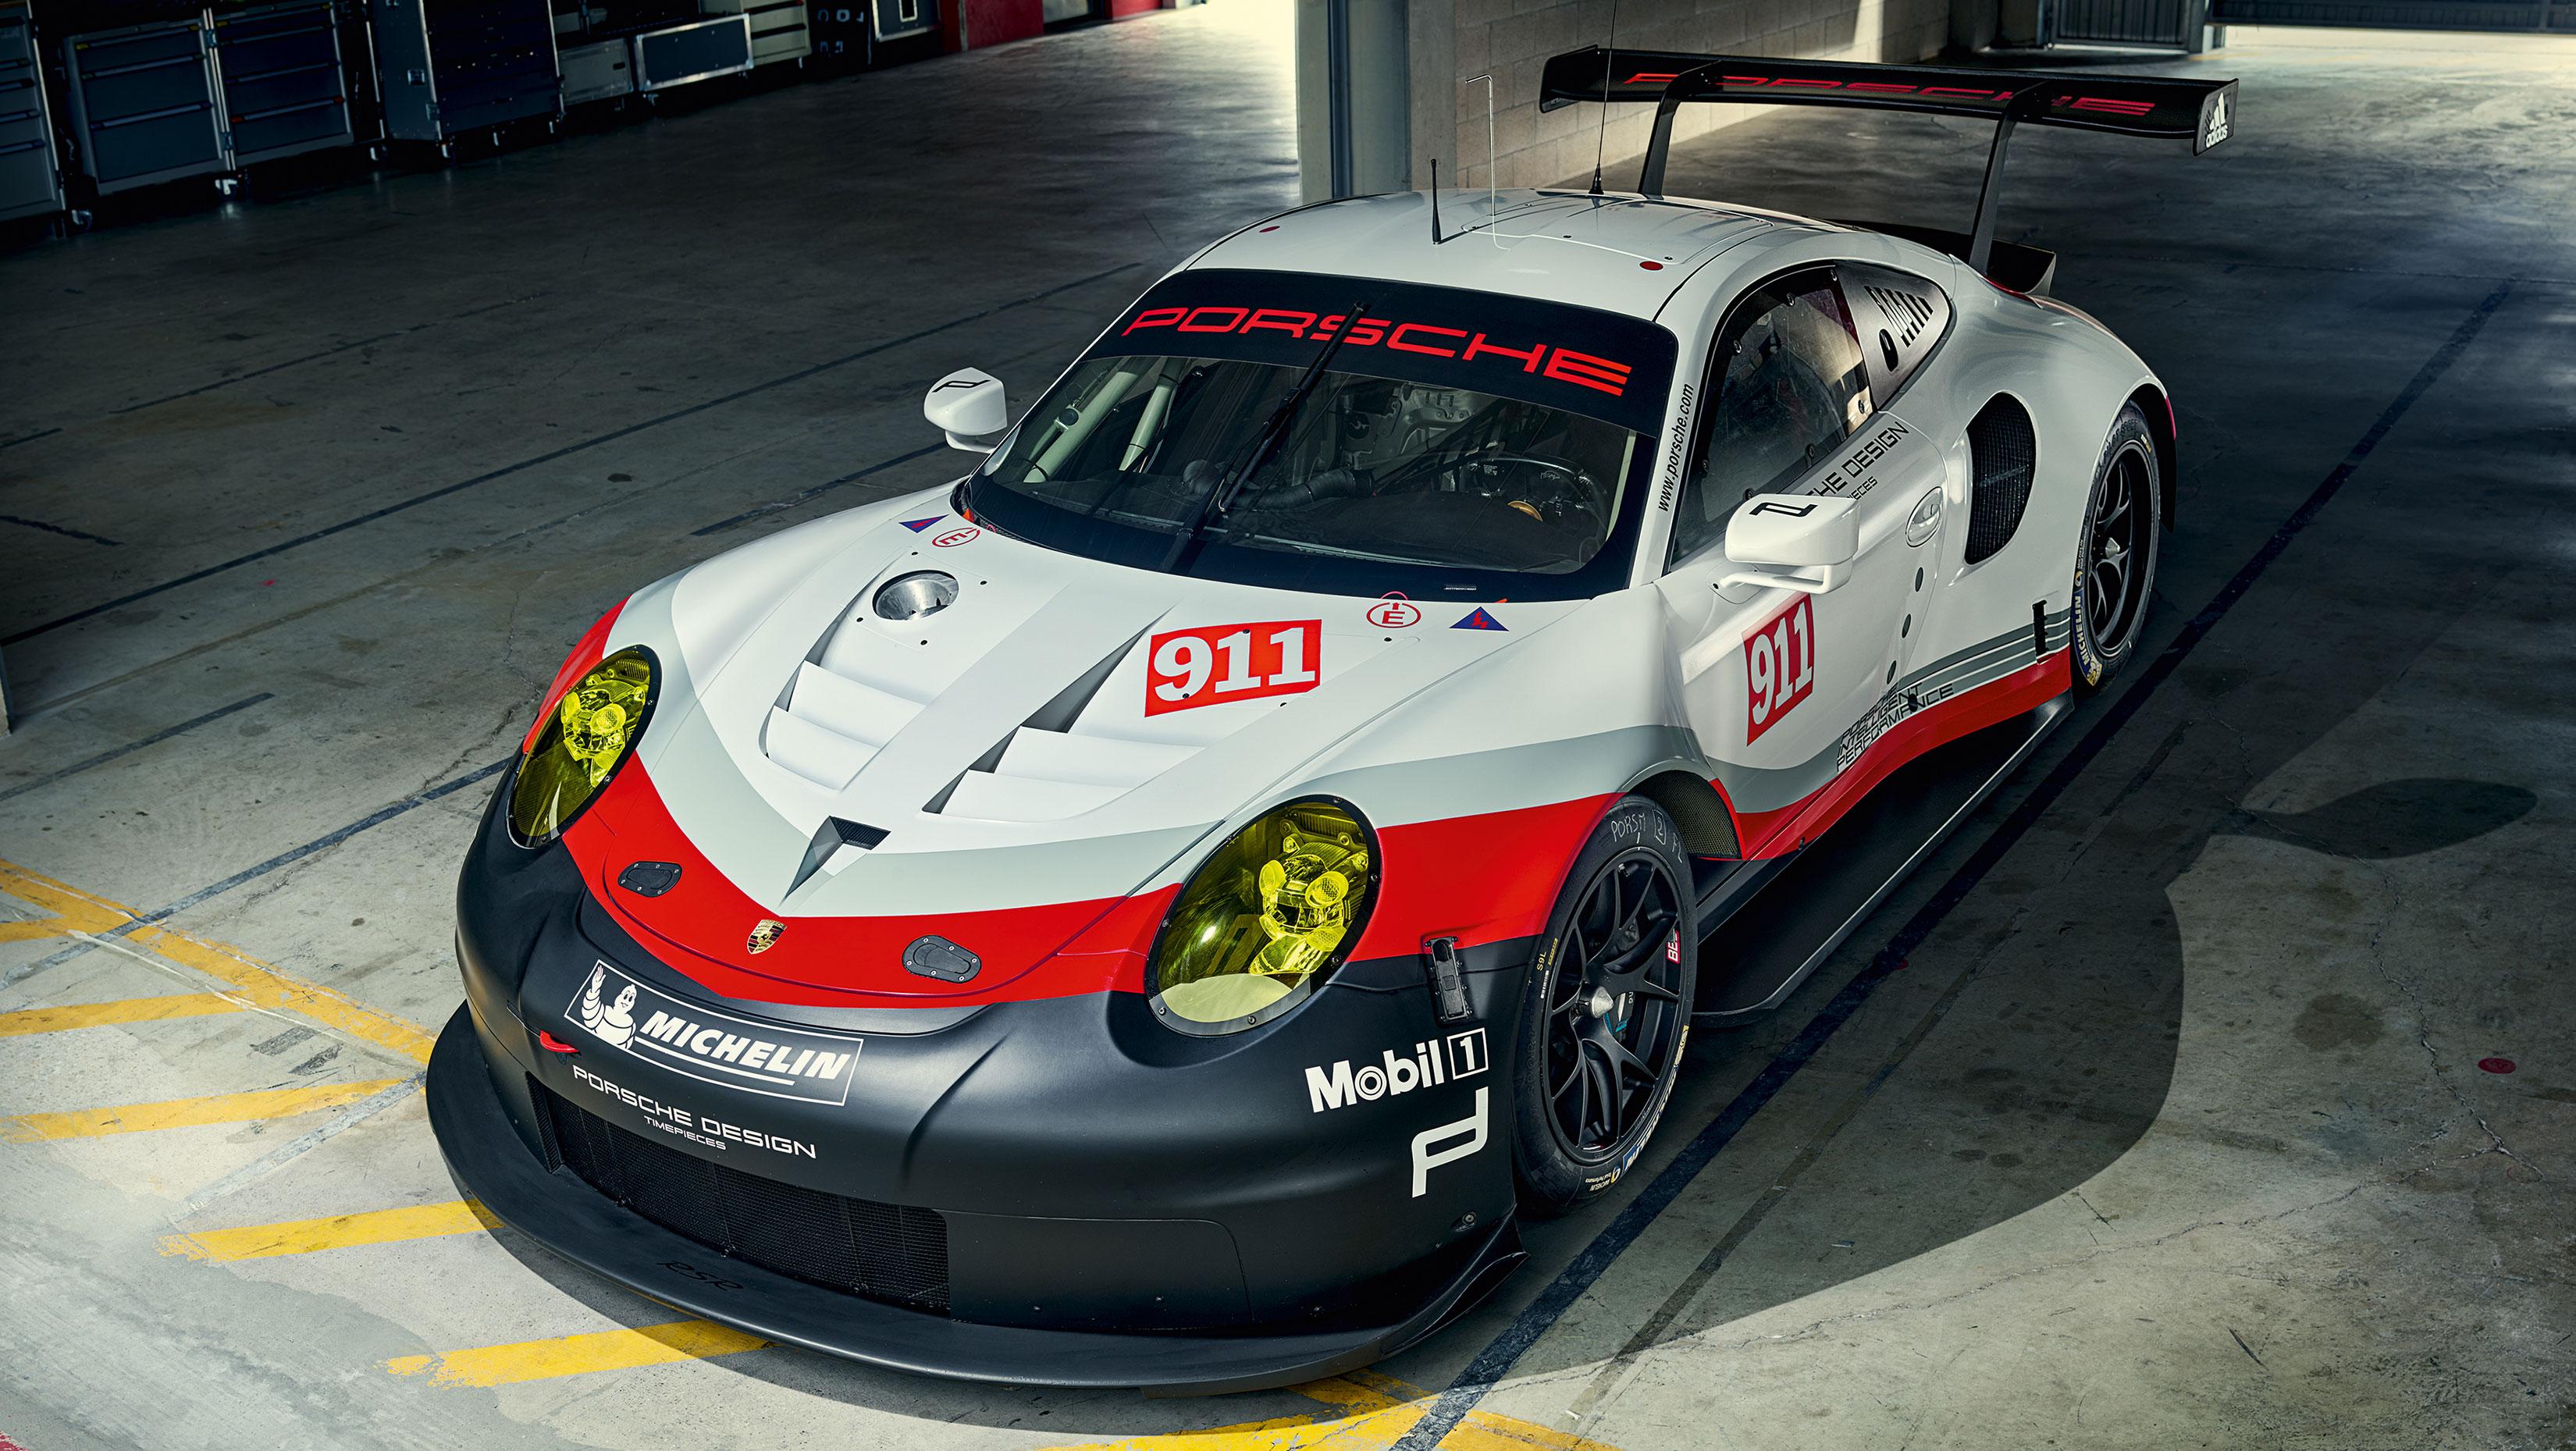 Porsche 911 RSR - 2017 - front / avant